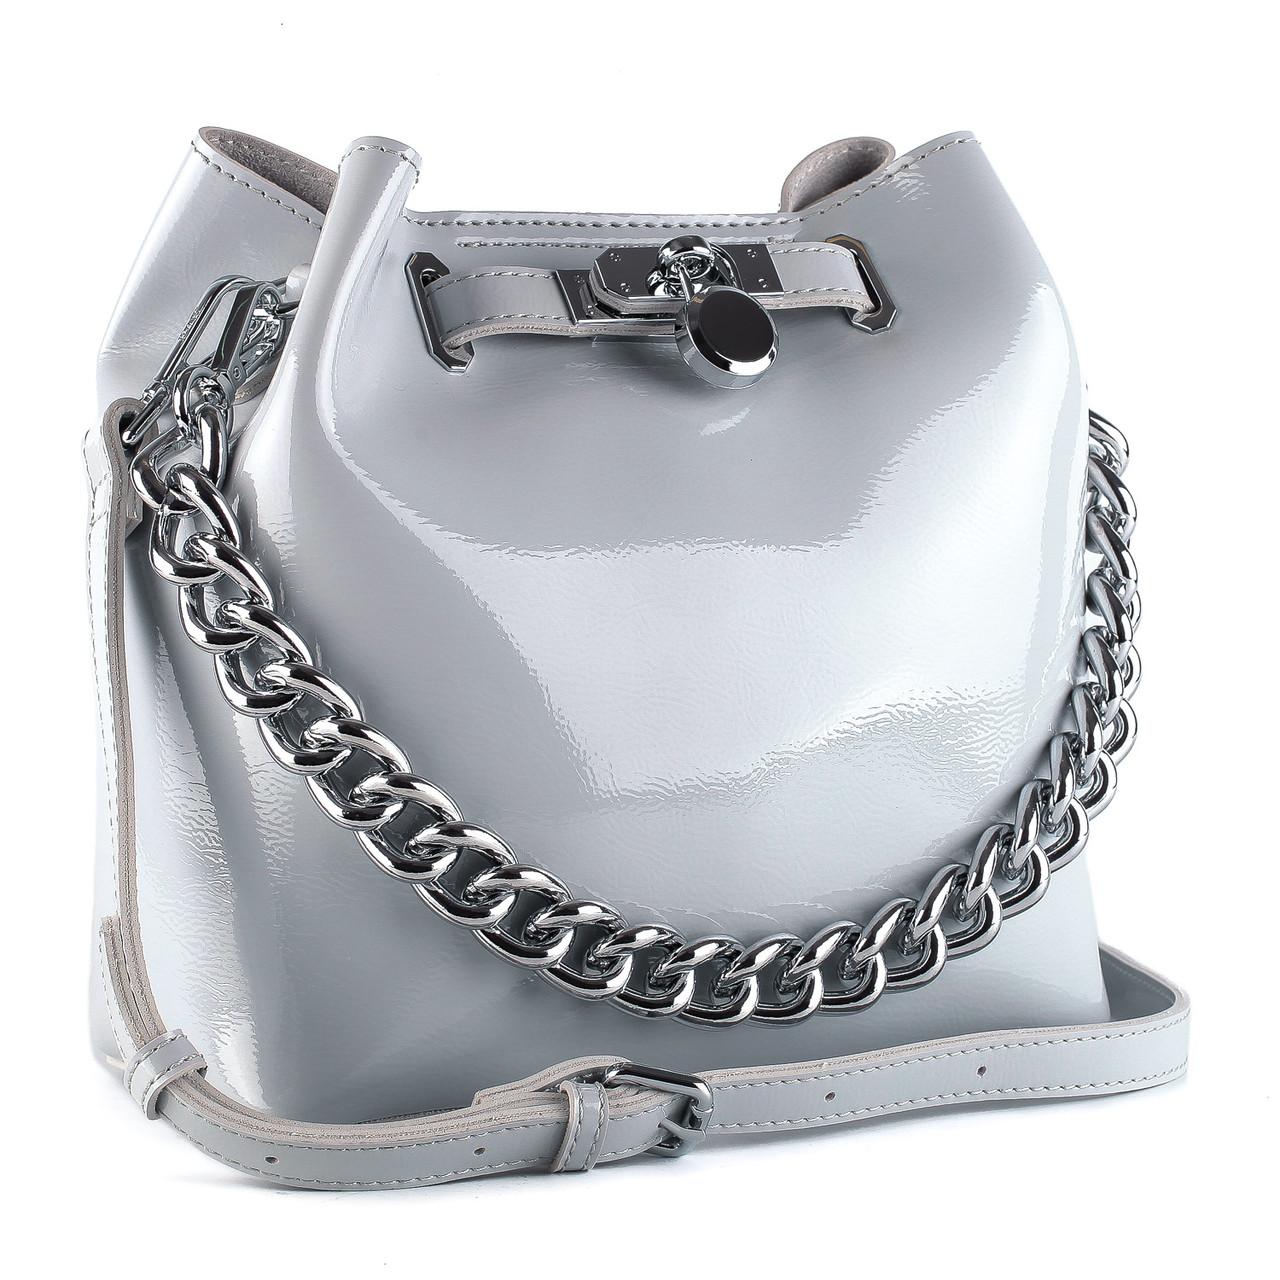 94b22ac3eddf Купить Сумку женскую недорого в интернет магазине обуви Marigo